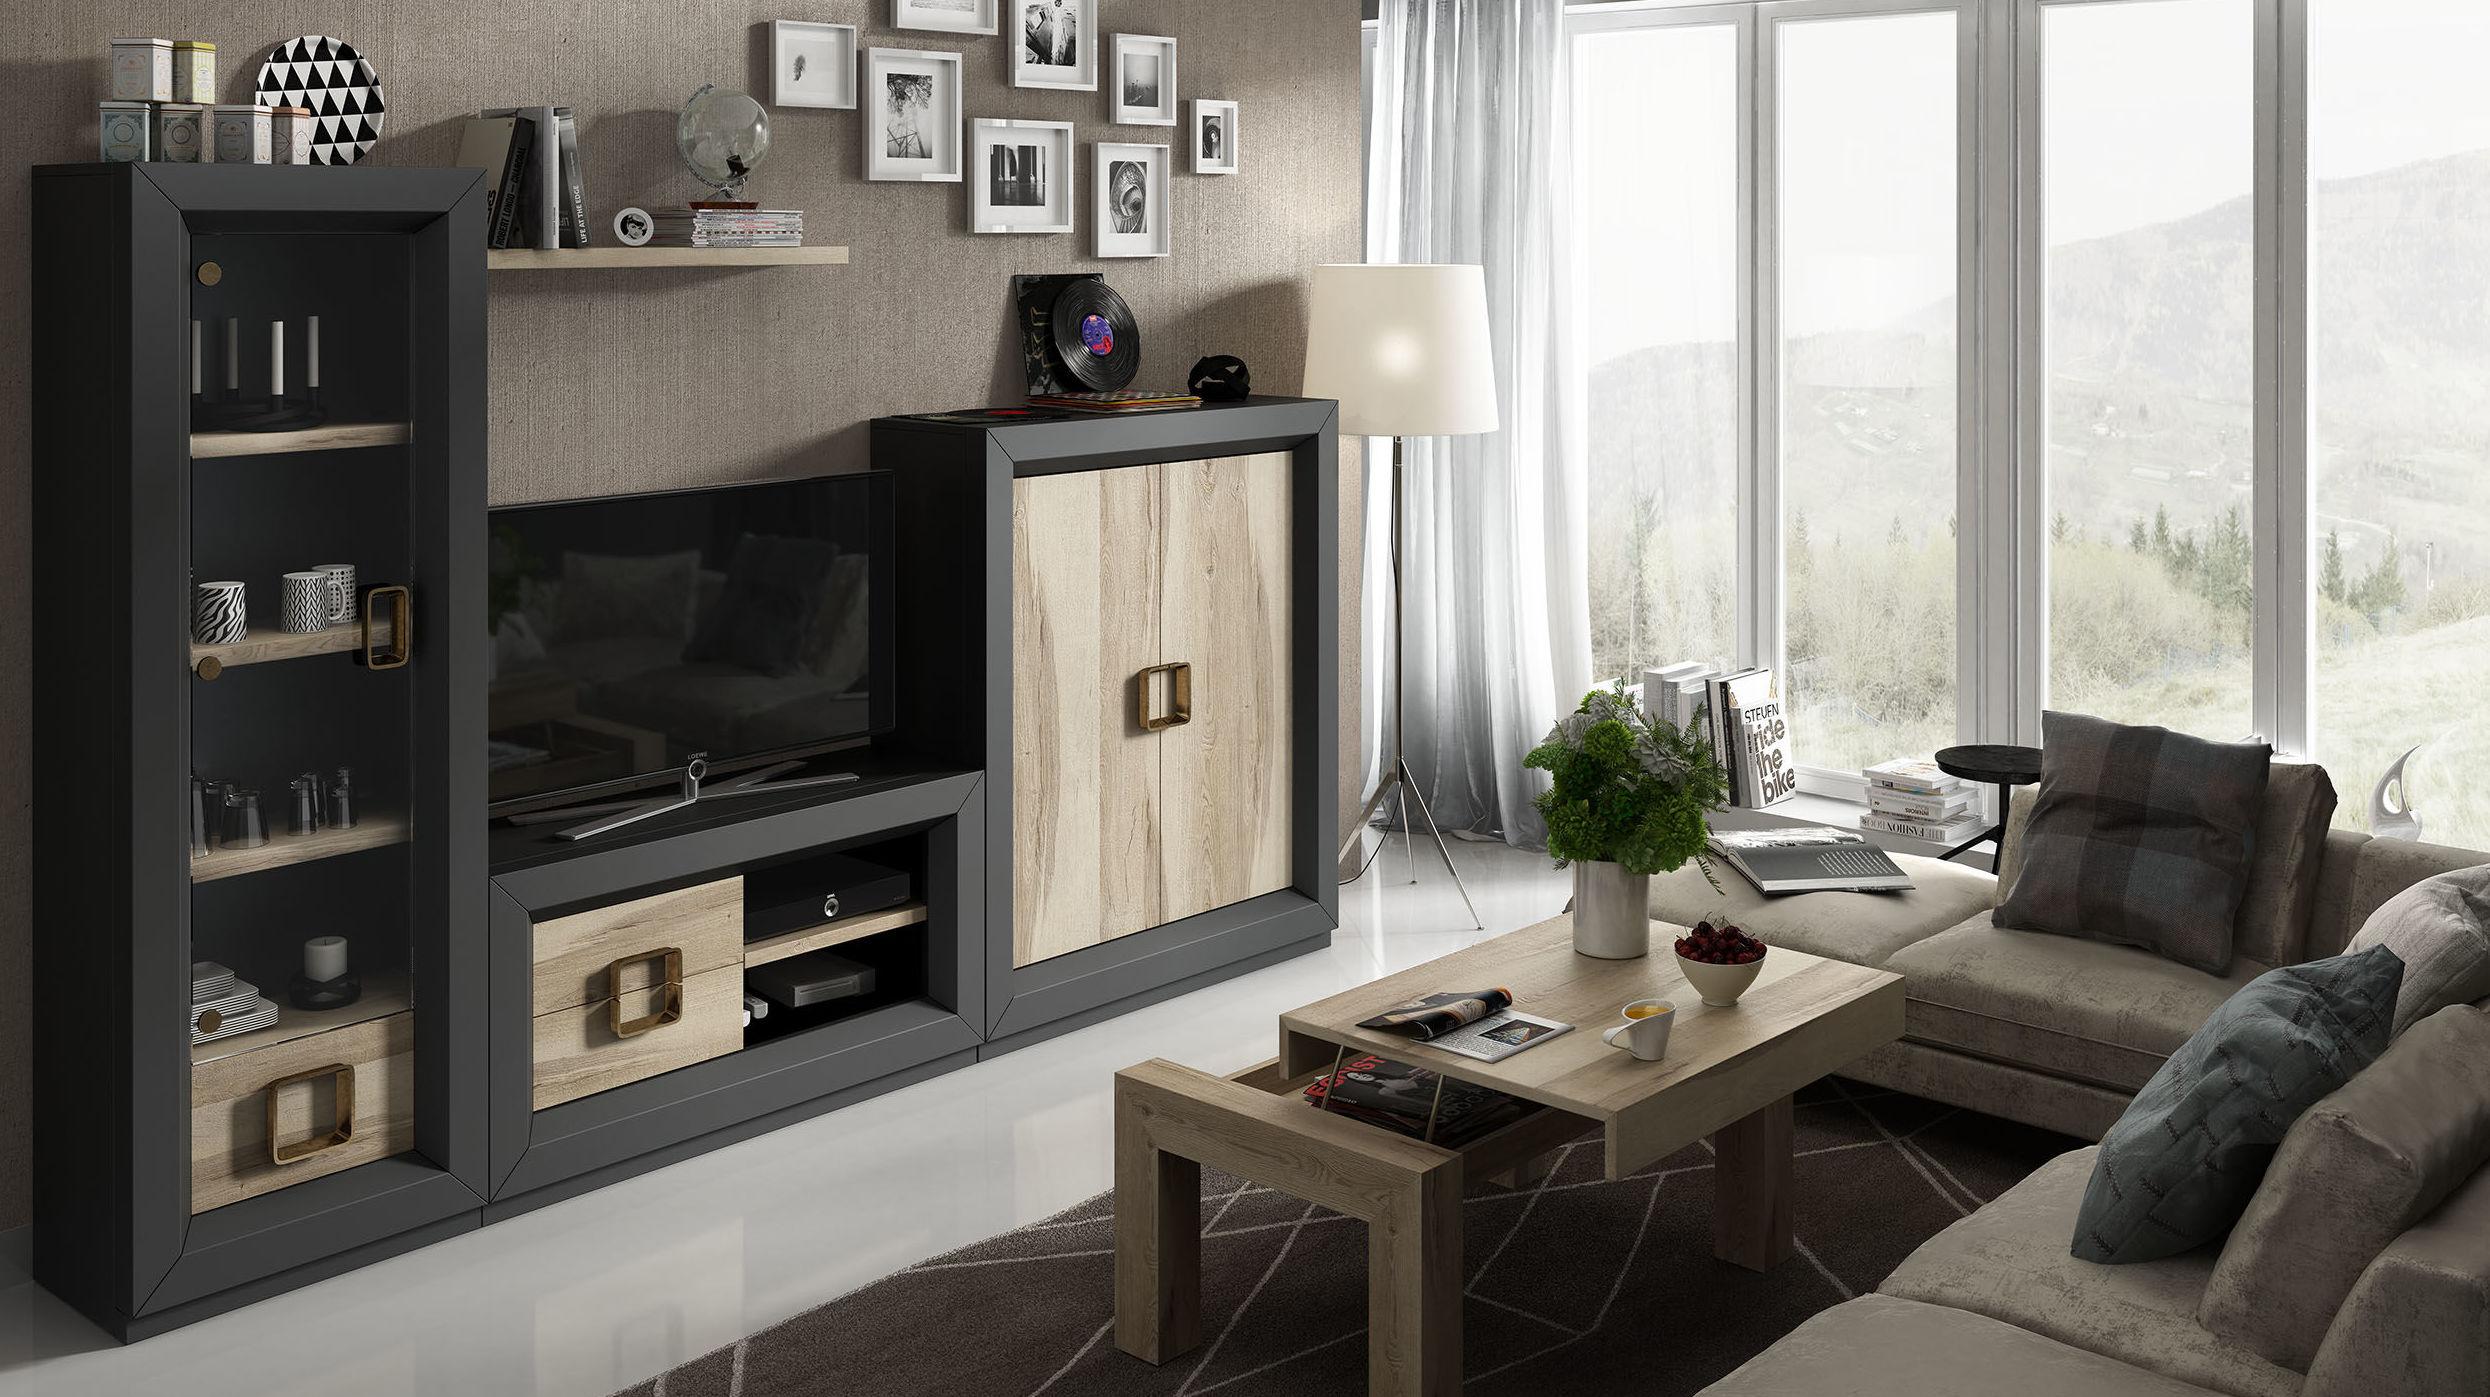 Franco furniture colecci n enzo cat logo de muebles y for Catalogos de muebles baratos